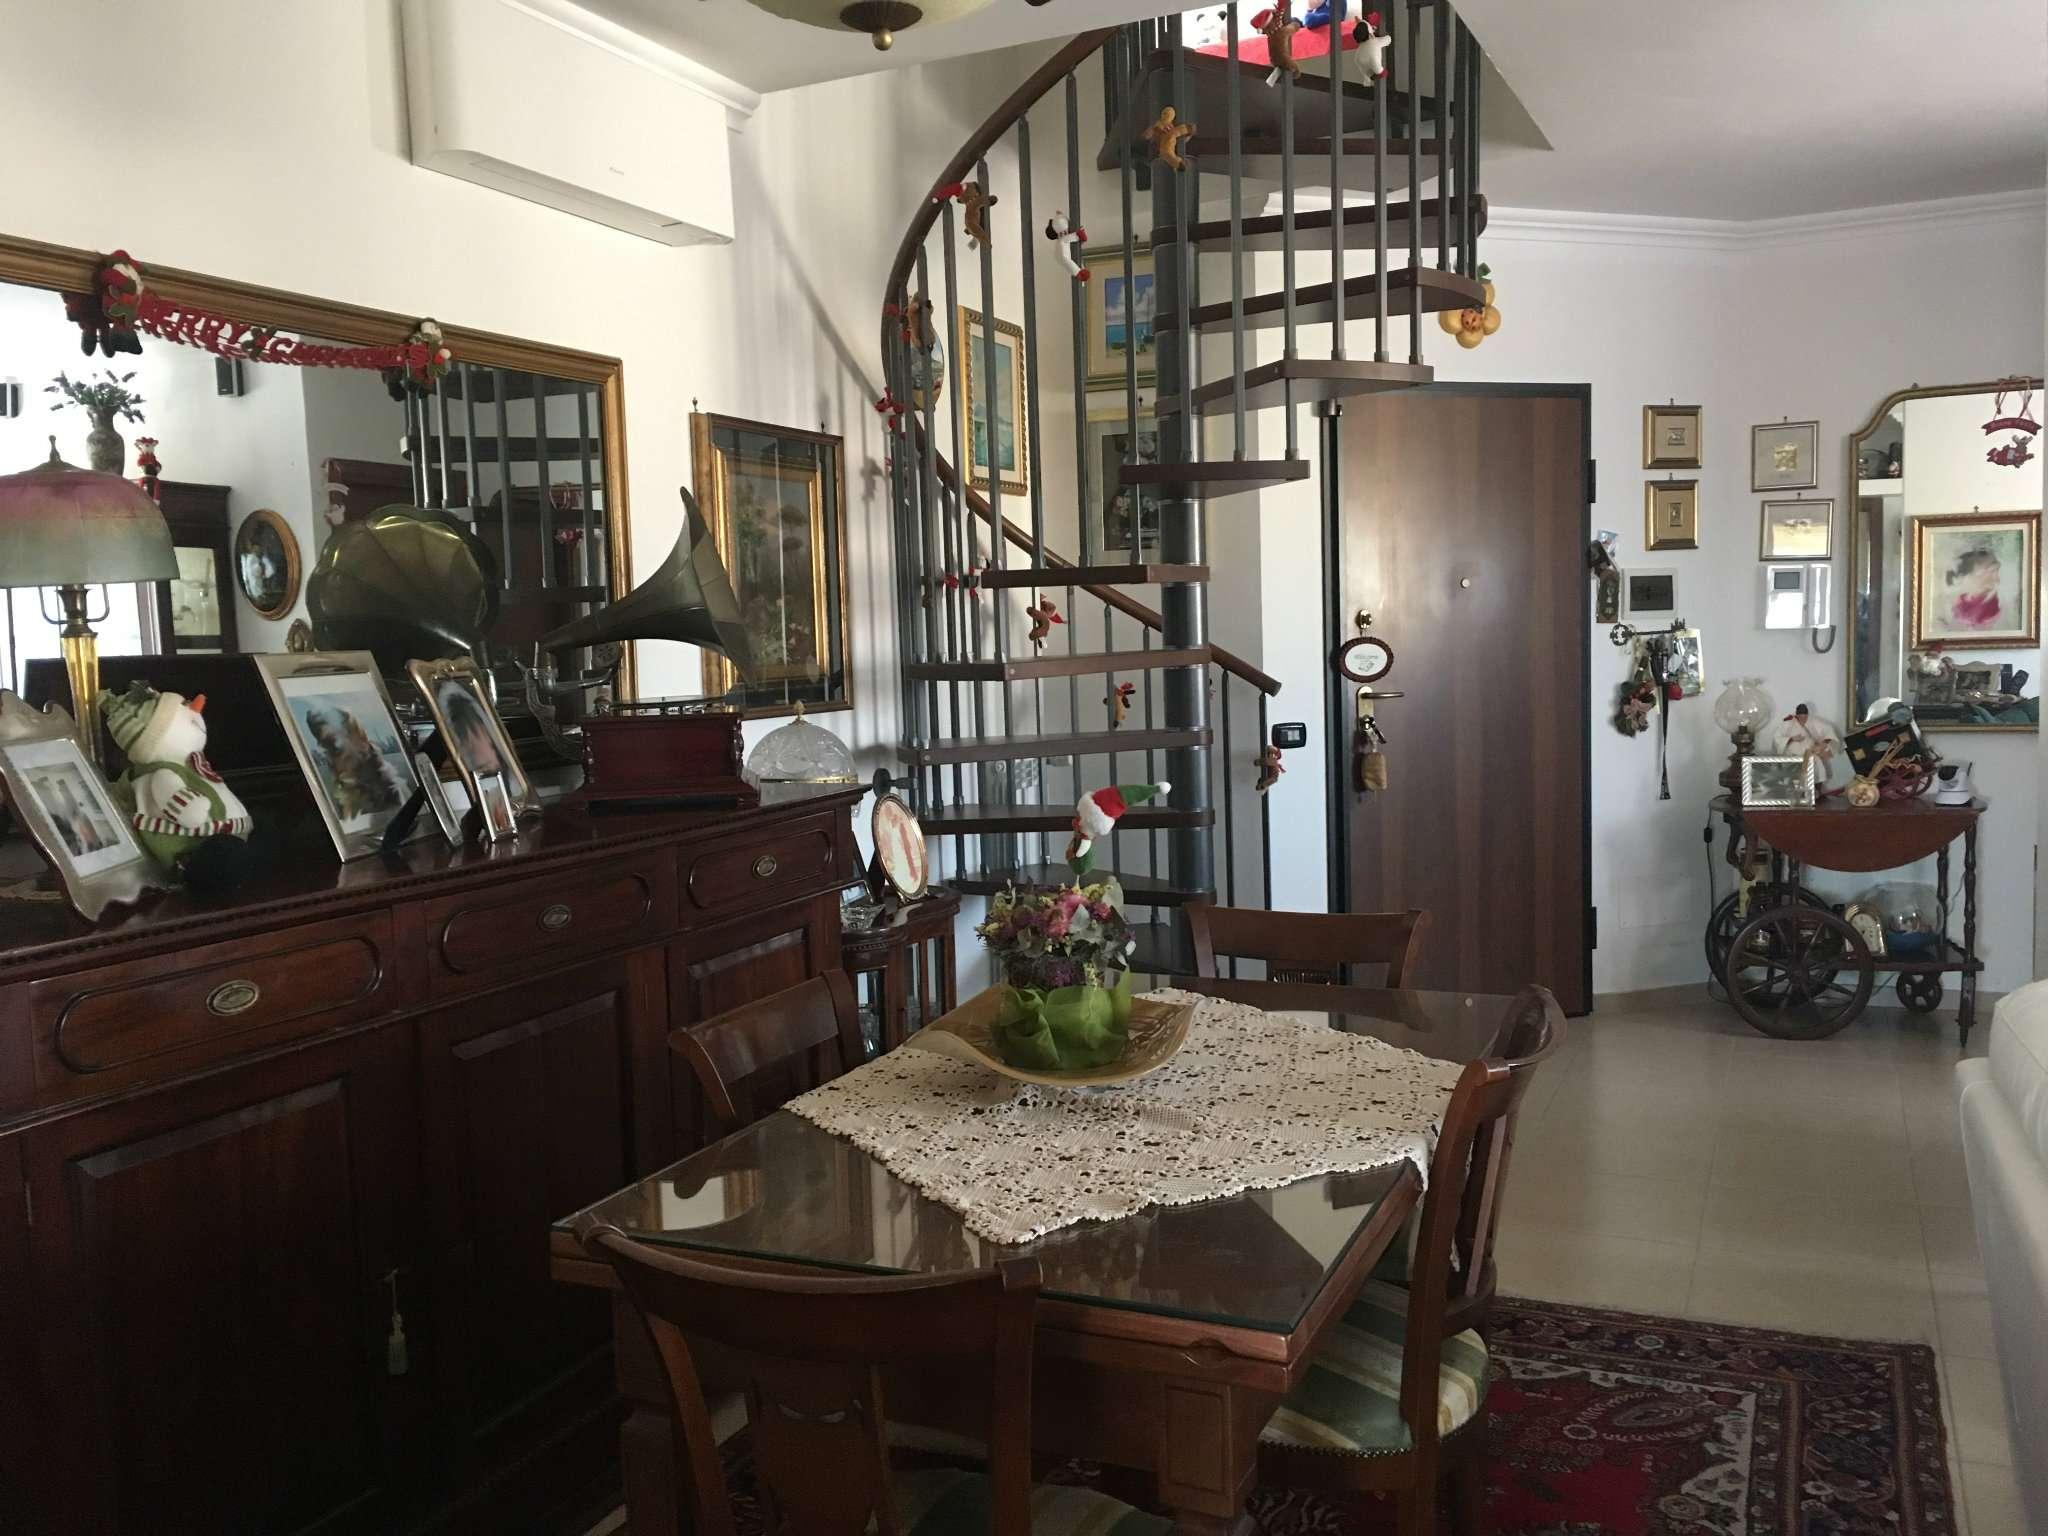 Attico / Mansarda in vendita a Guidonia Montecelio, 3 locali, prezzo € 270.000 | CambioCasa.it